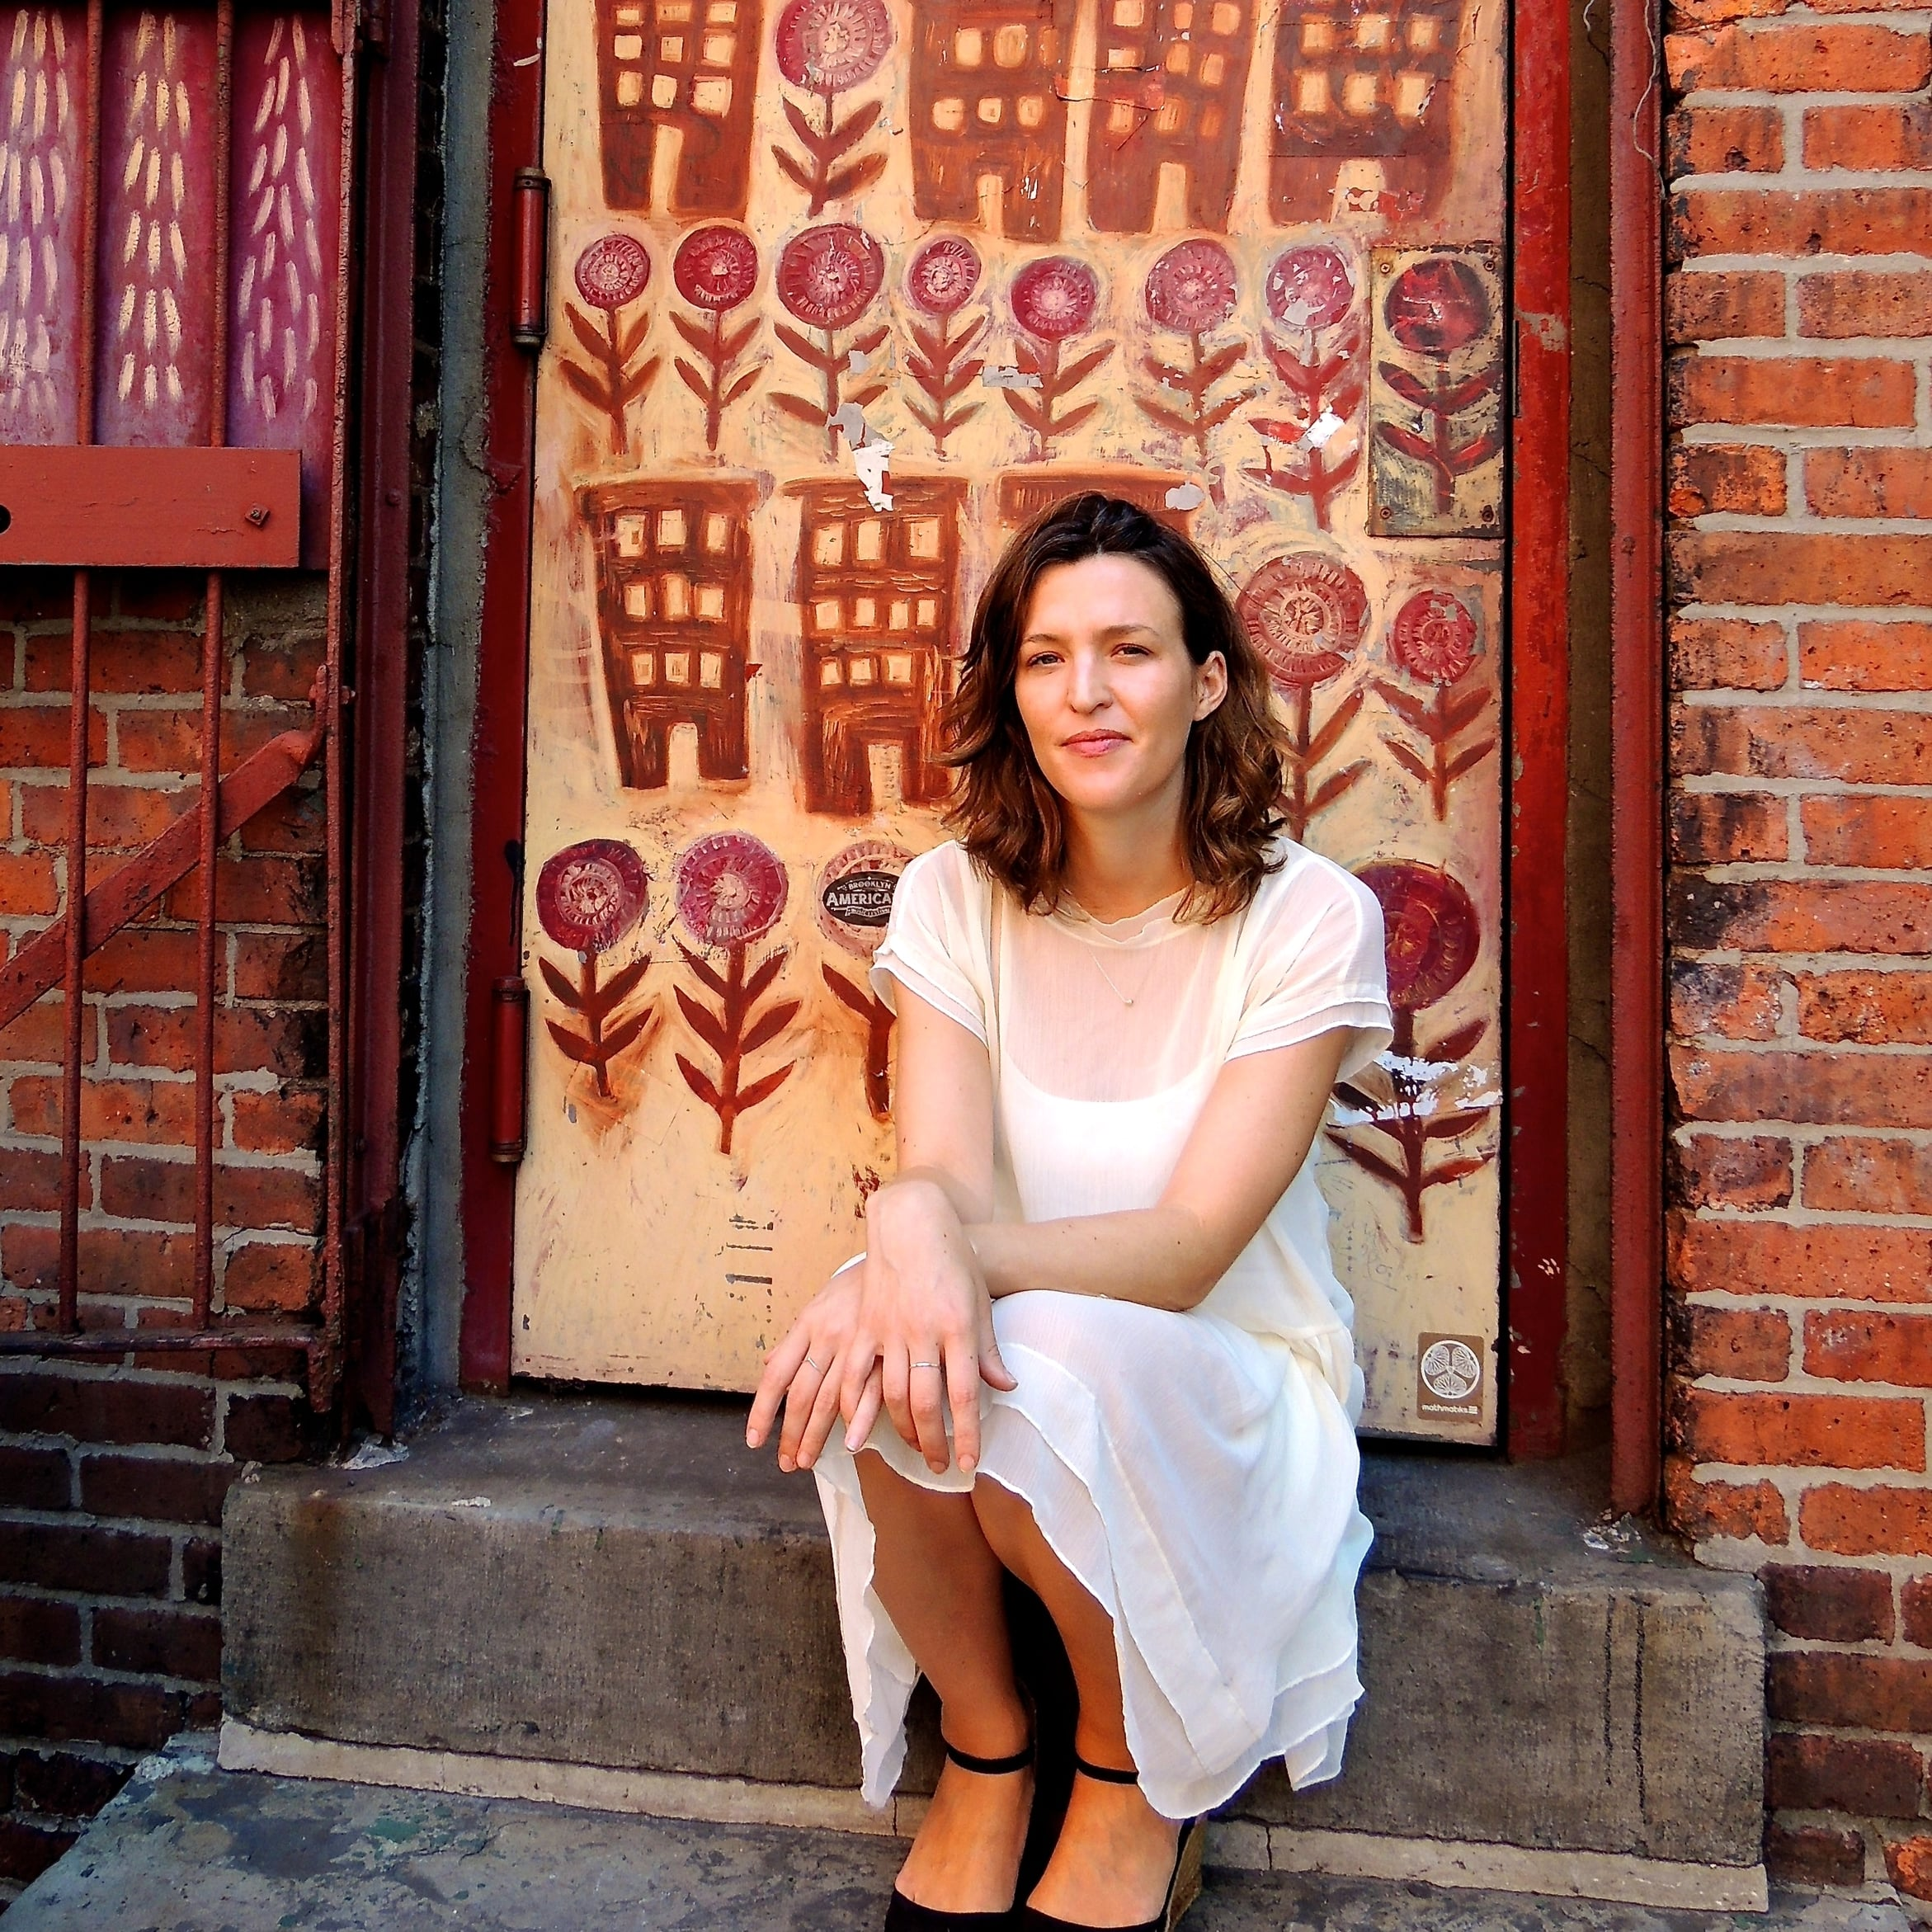 Jessica faith nyc.JPG